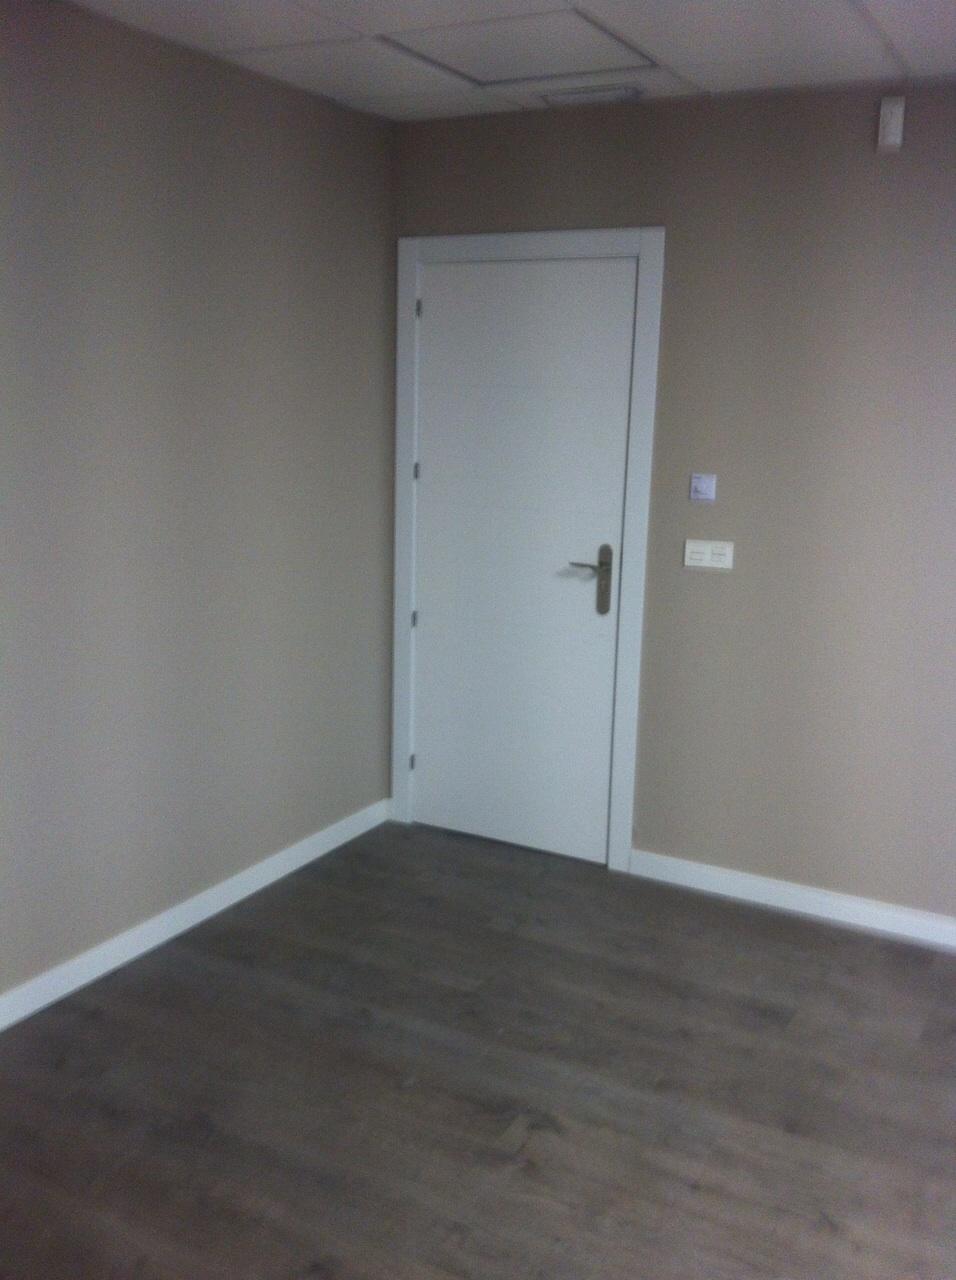 Trabajos realizados puertas lacadas blancas en granada for Puertas lacadas blancas baratas